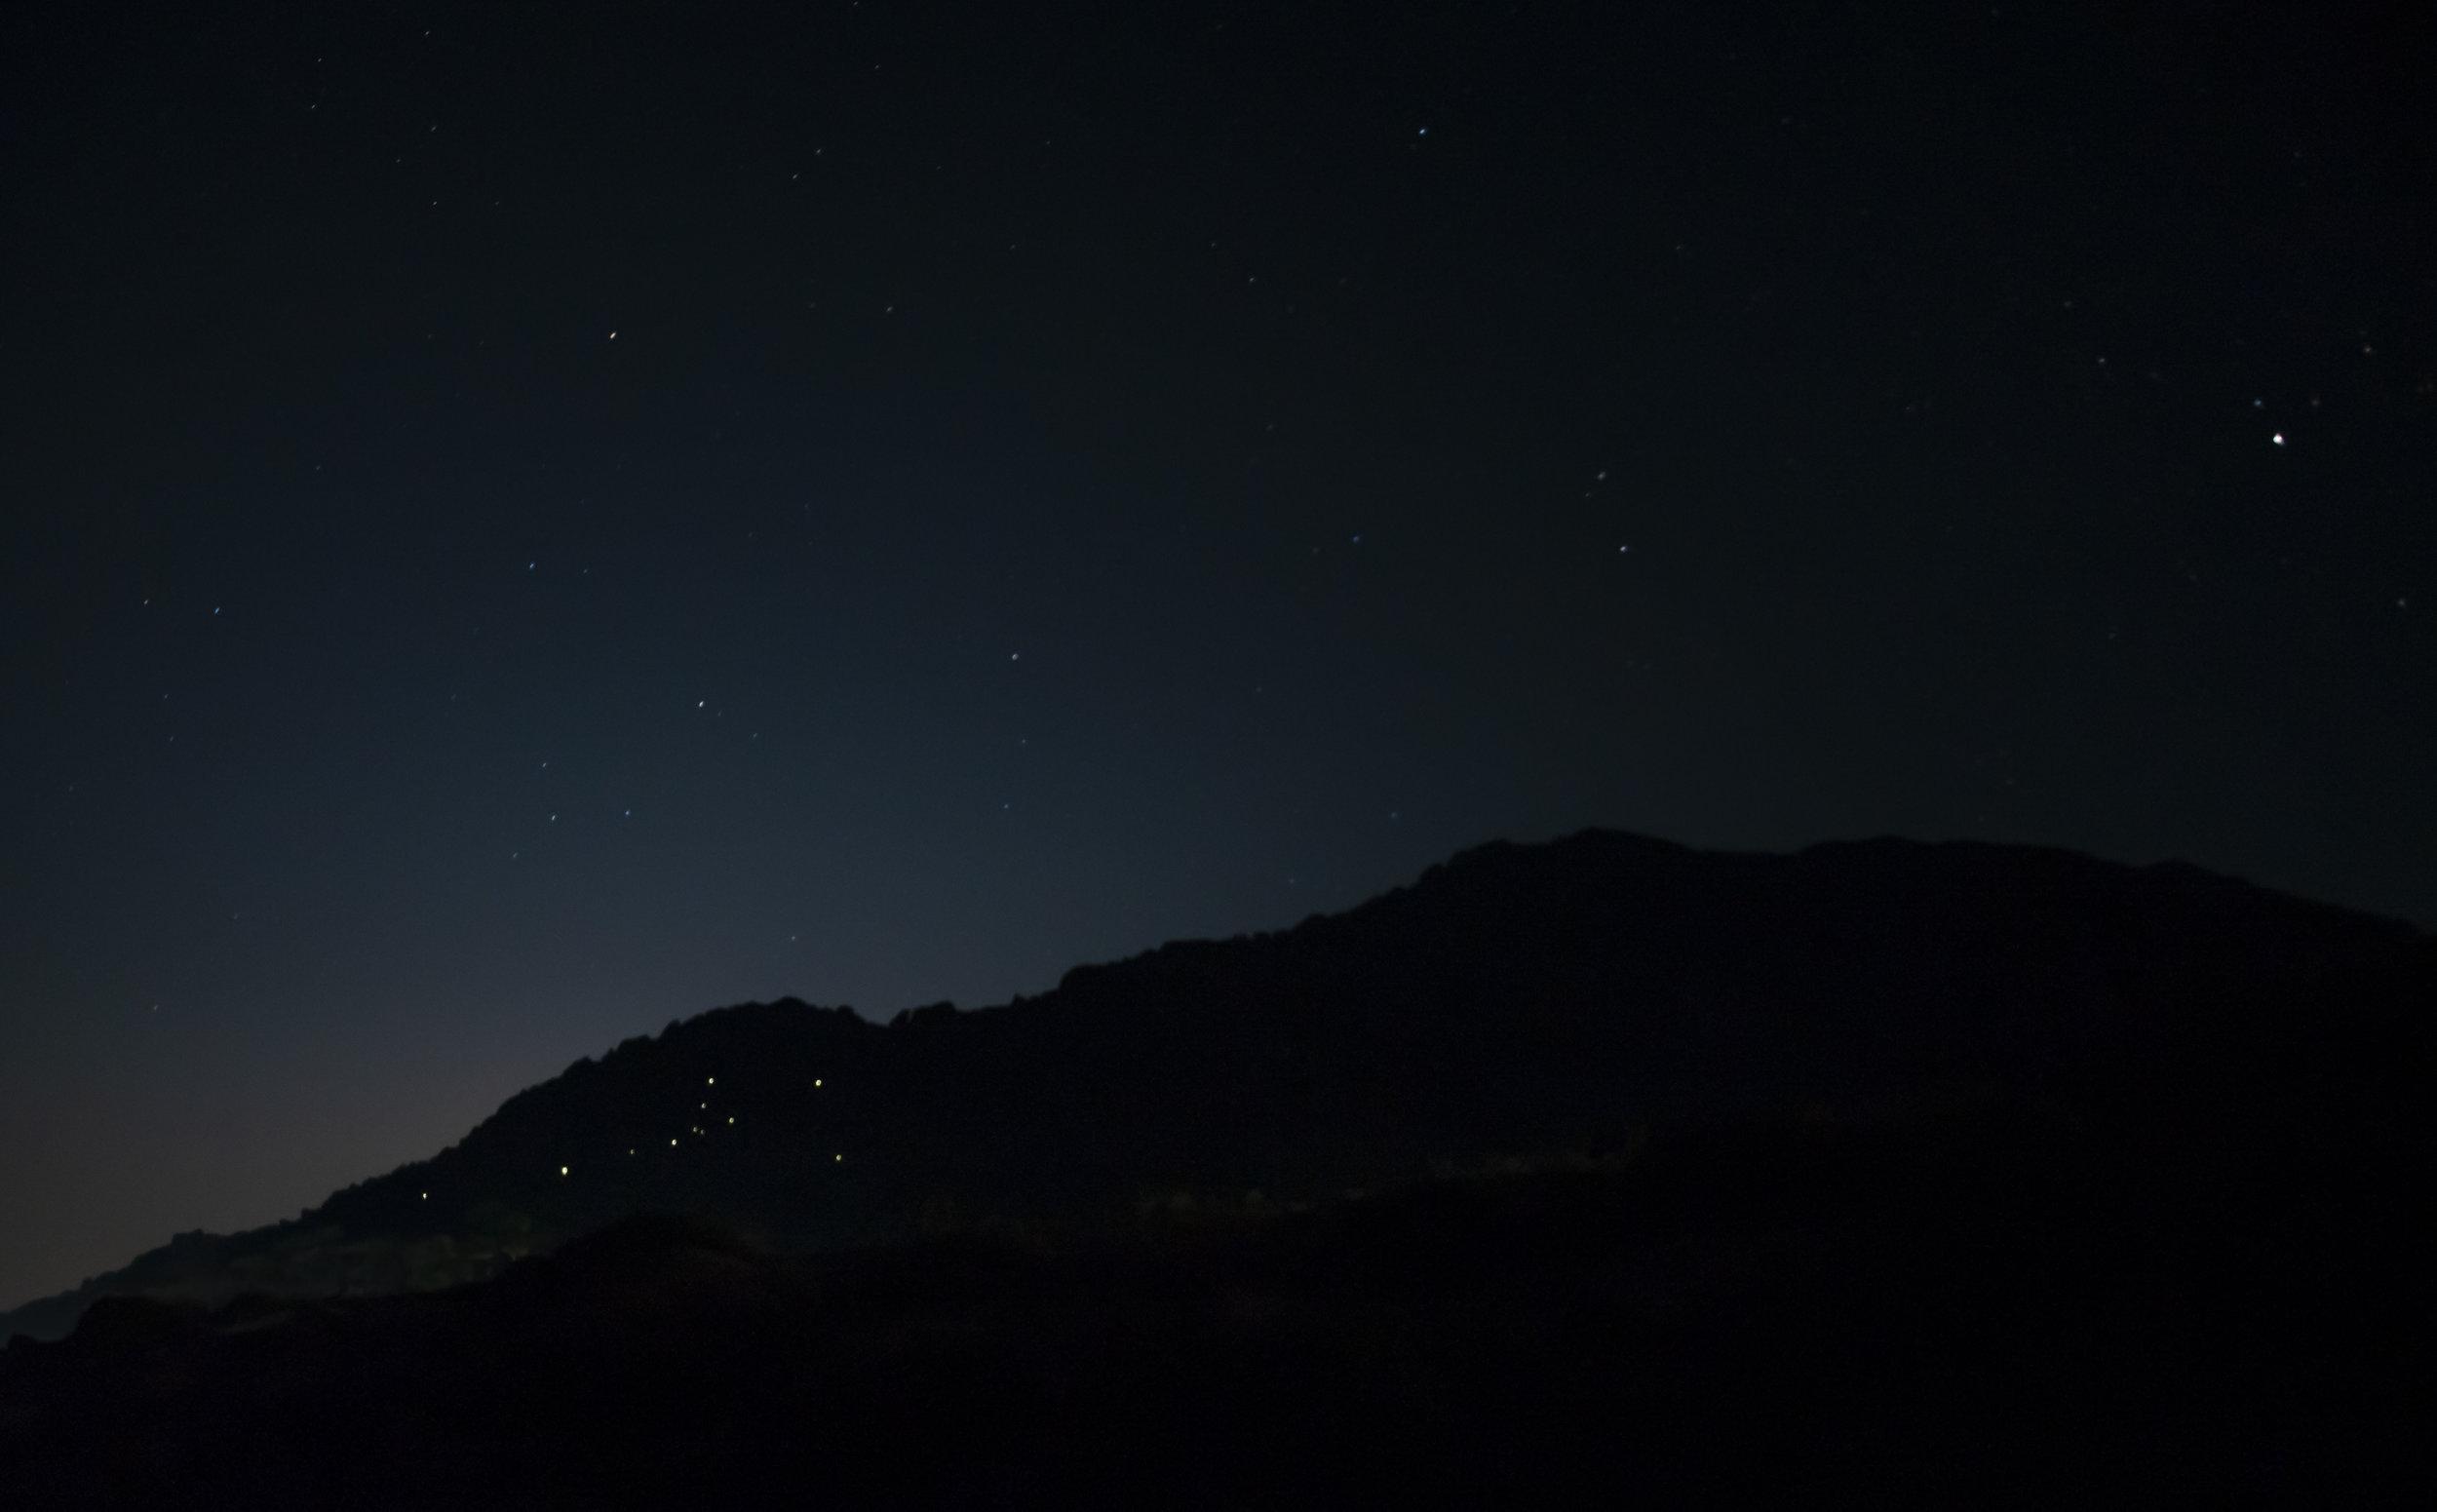 Katerina Kotsala, Stars on the Moon, Astrowalker Constellation, land art night installation, solar lights, 600mx450m Palaiopoli, Samothrace